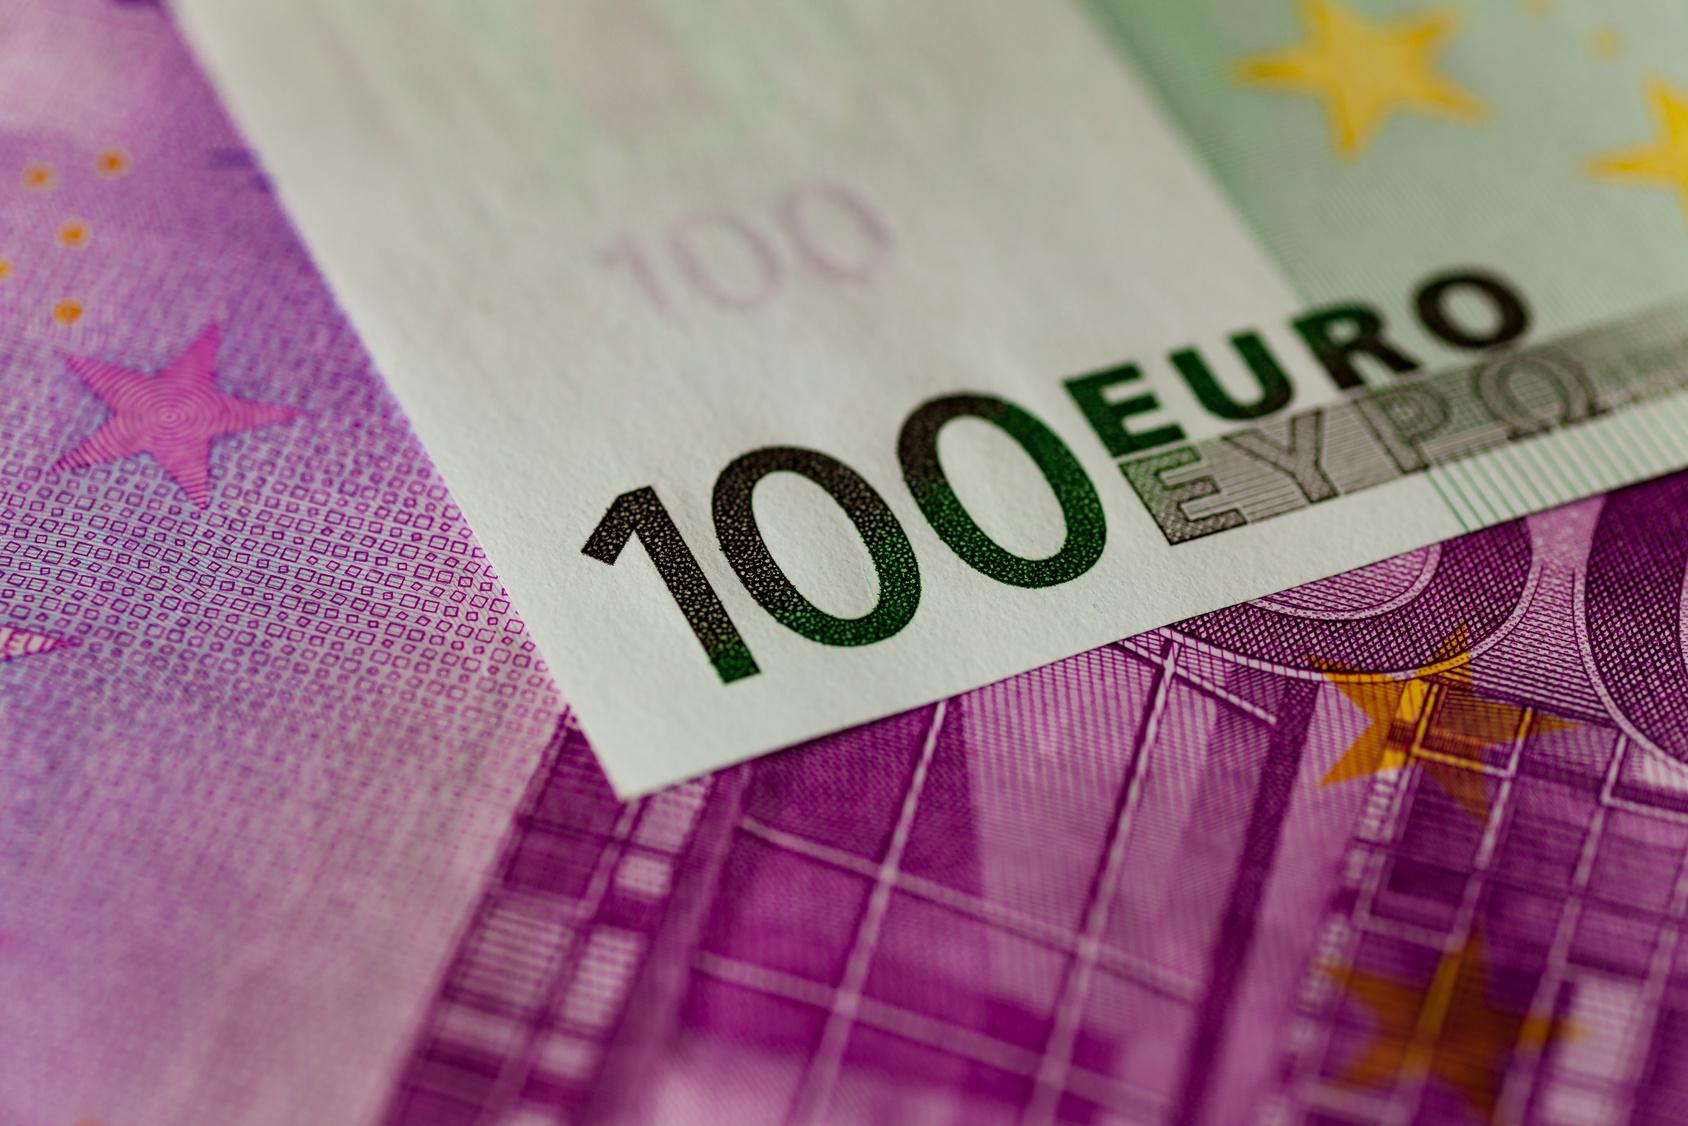 Unbekannter lässt Euro-Scheine regnen Polizei ermittelt